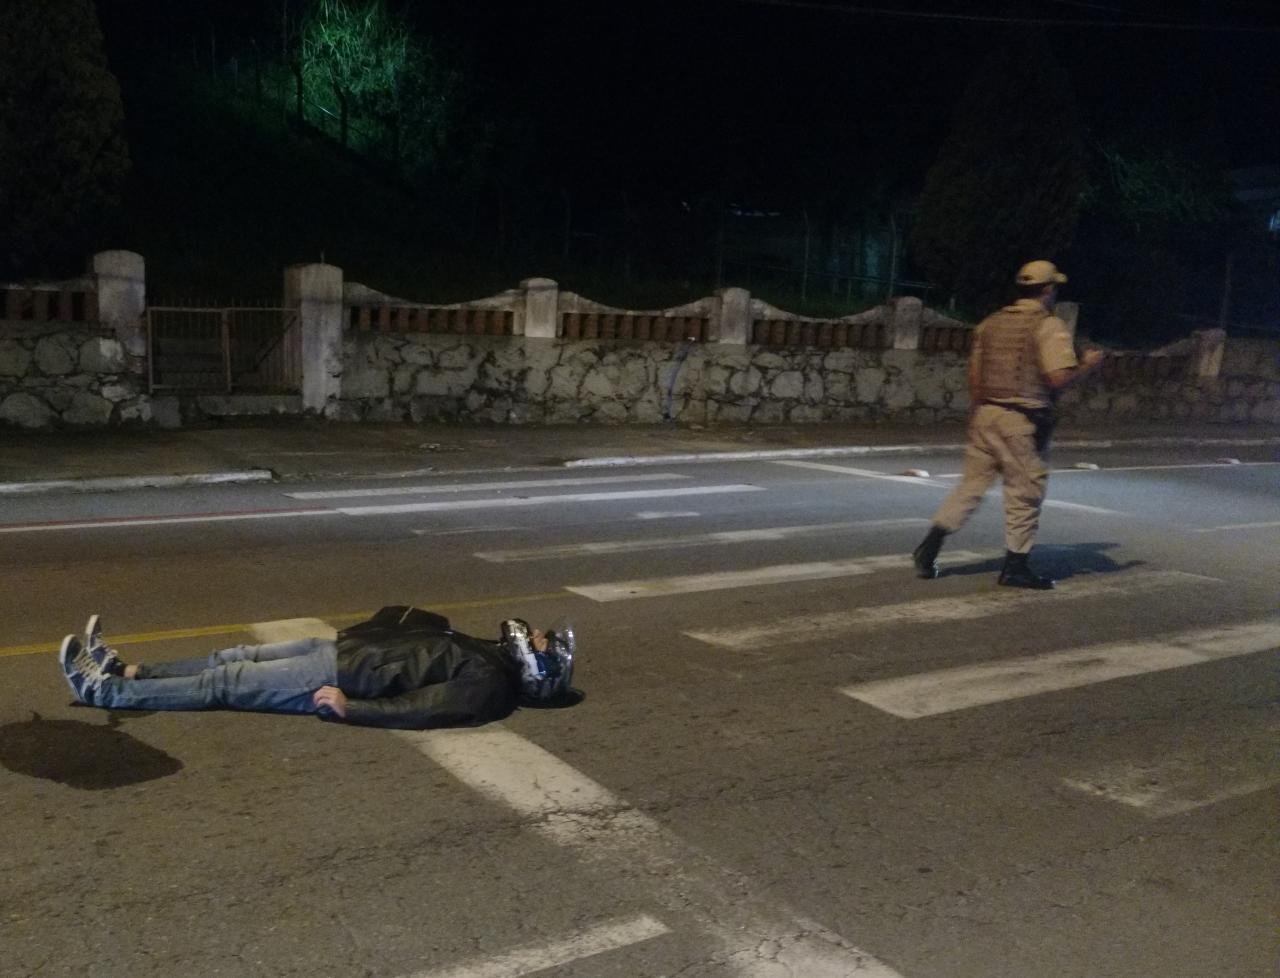 Motociclista ficou aguardando atendimento após o acidente | Foto: Fábio Junkes/OCP